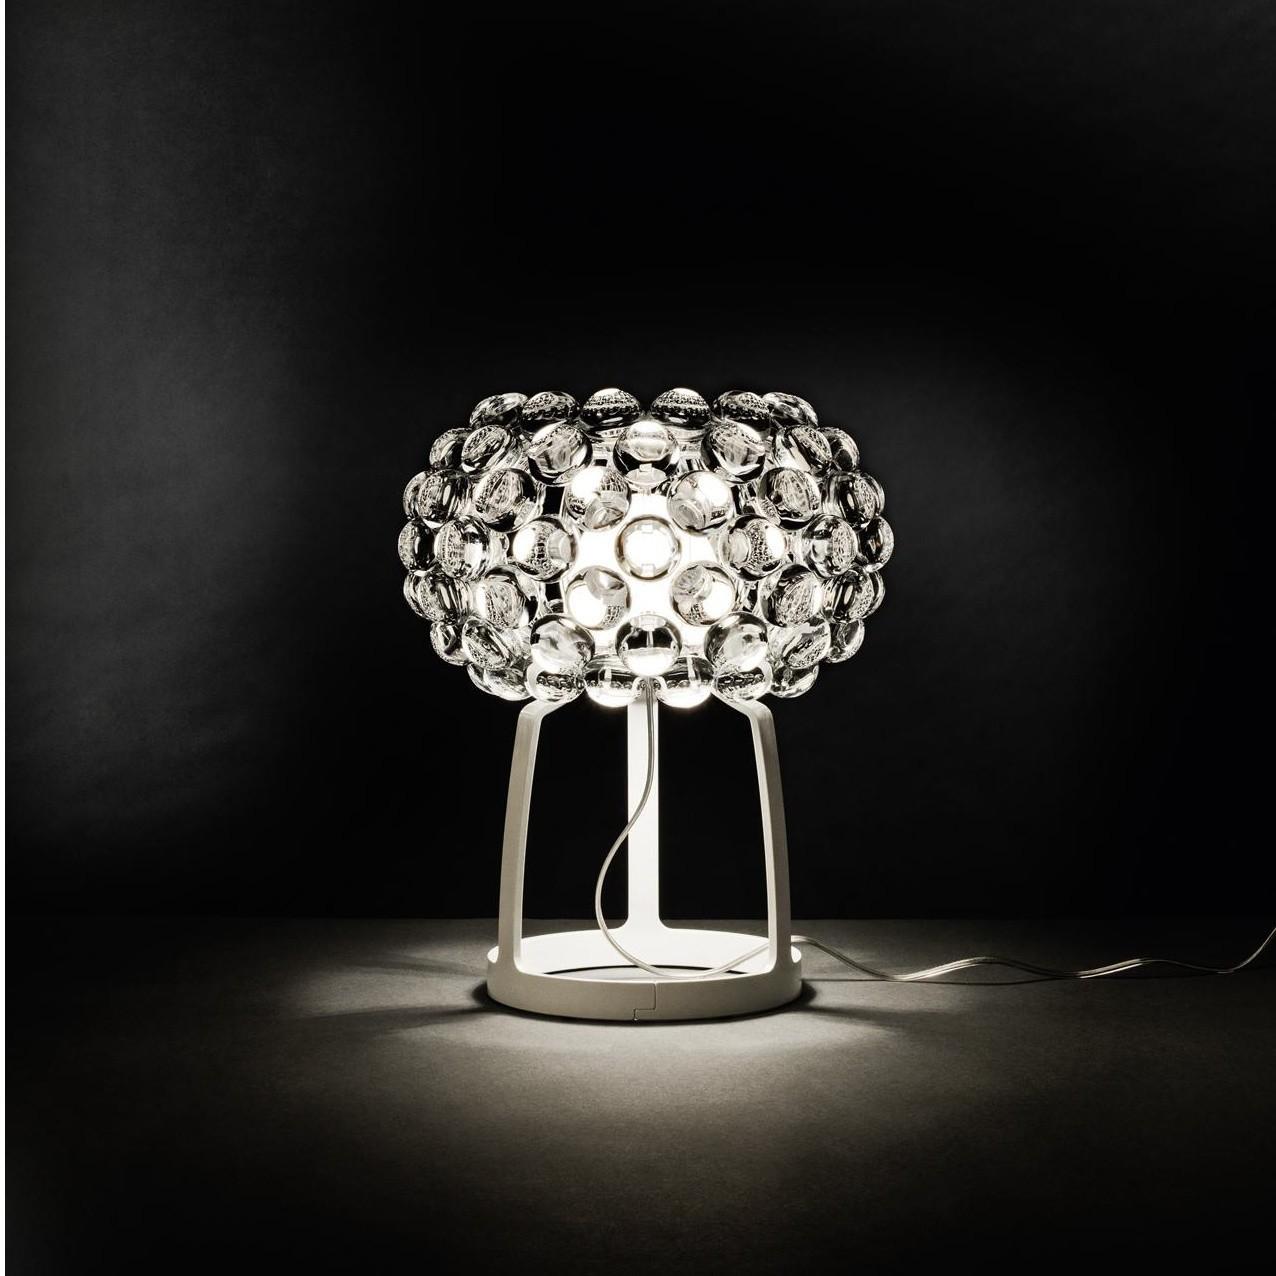 Lampe Caboche Patricia Urquiola caboche table lamp